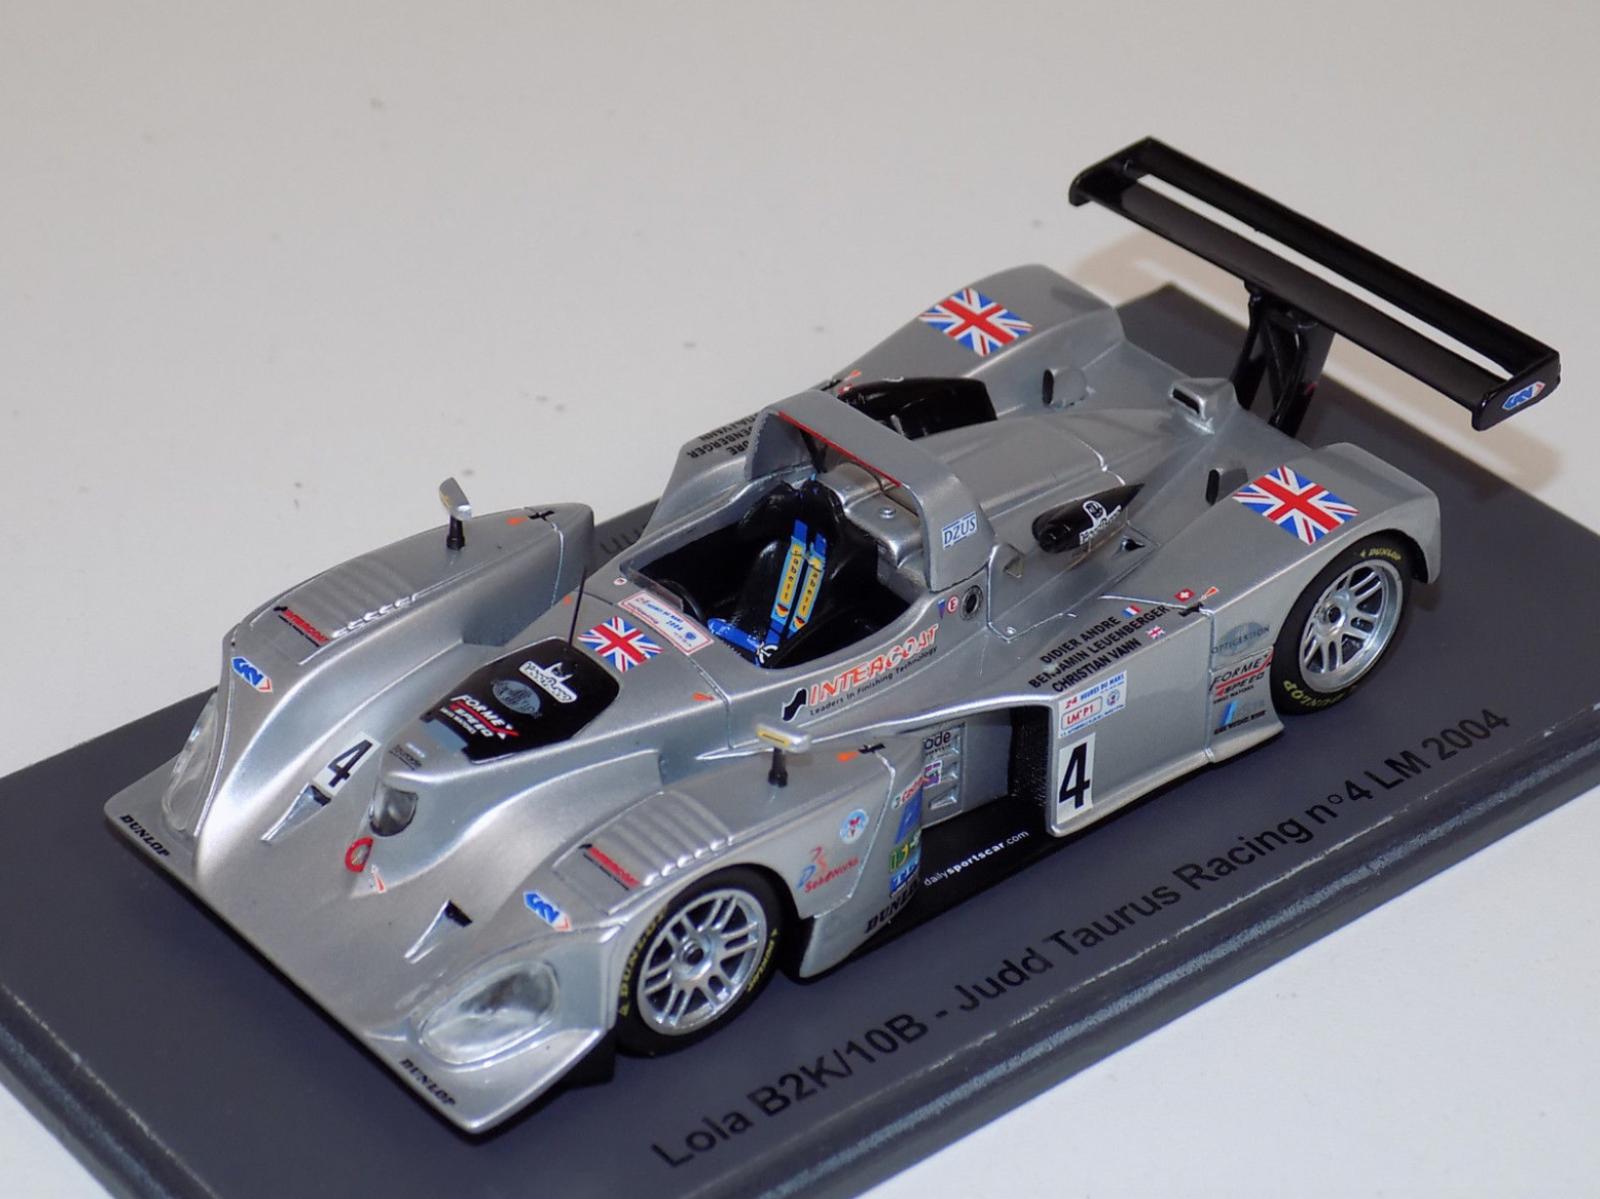 1/43 Spark Models Lola B2K/10B  4 Judd 24 Hours of LeMans 2004 S0030 TR